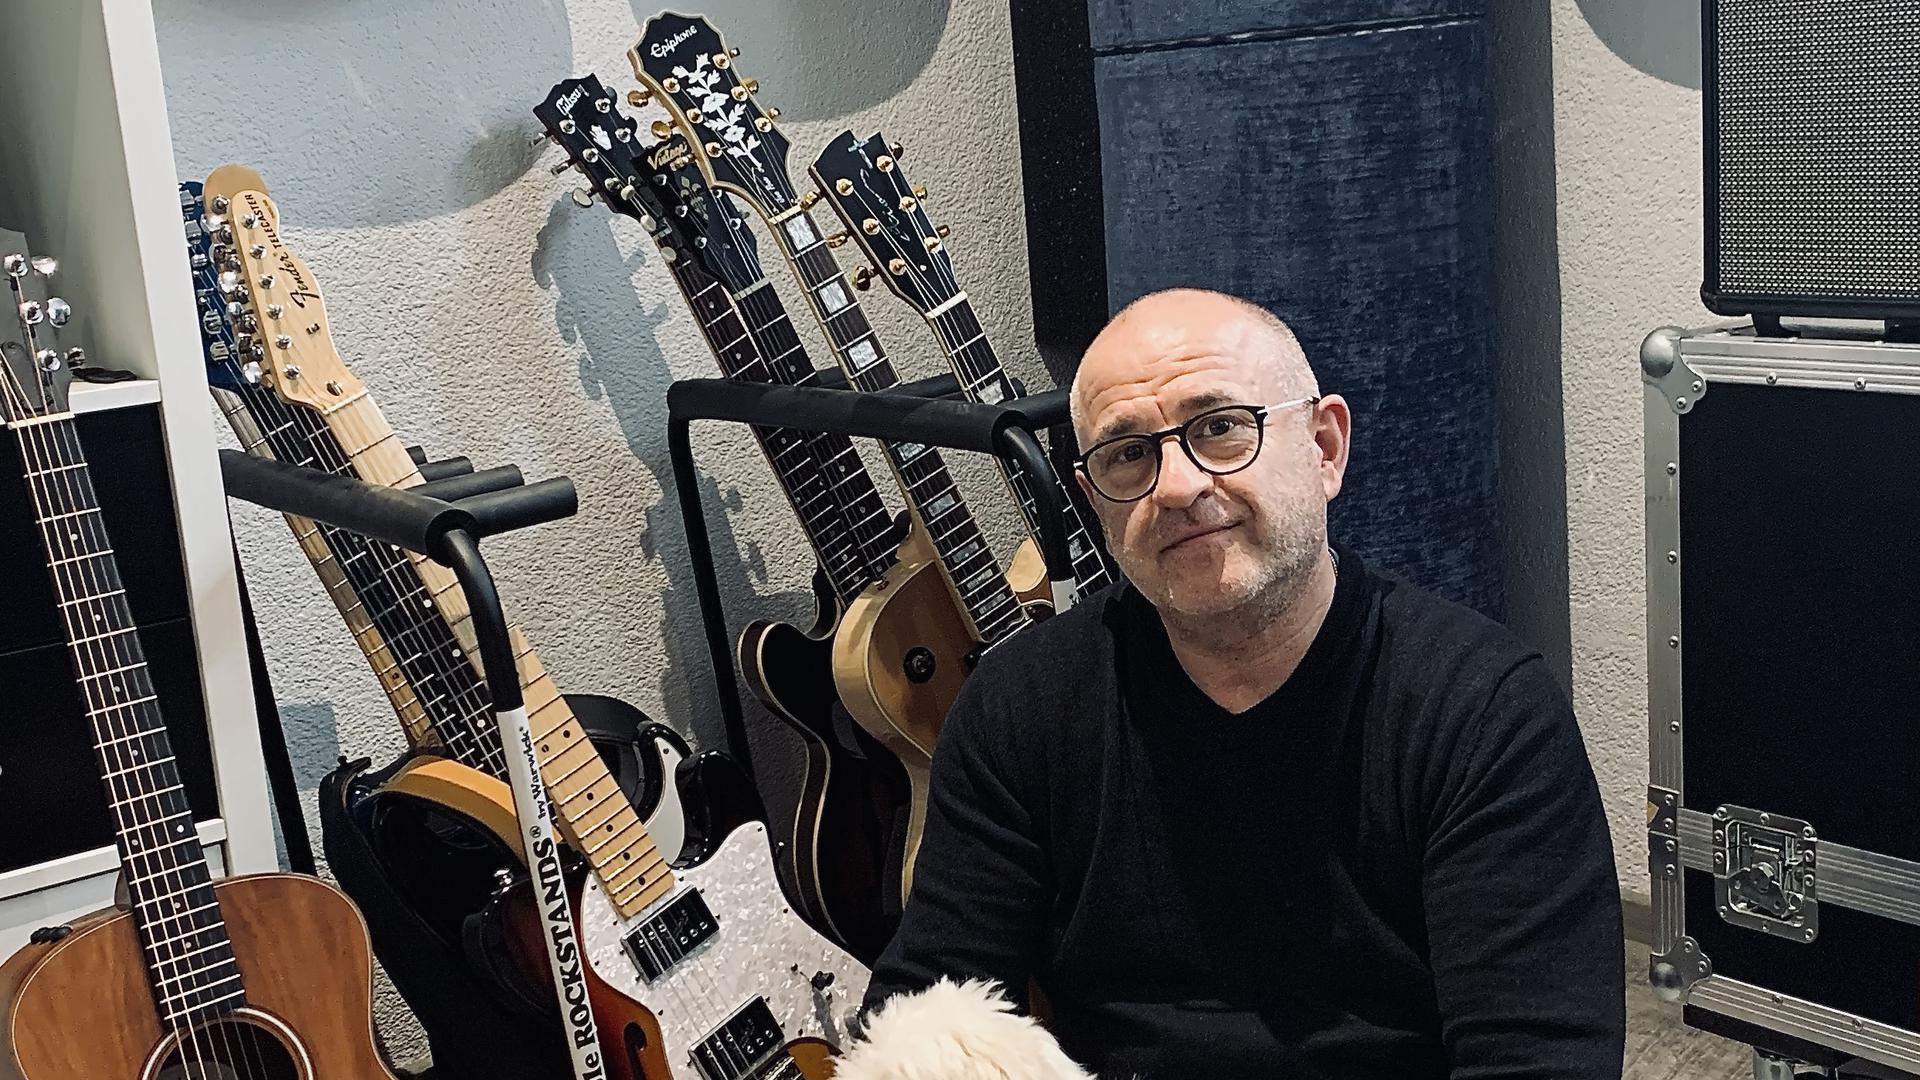 Musiker Freddy Sicko mit seiner Gitarrensammlung und seinen Hunden